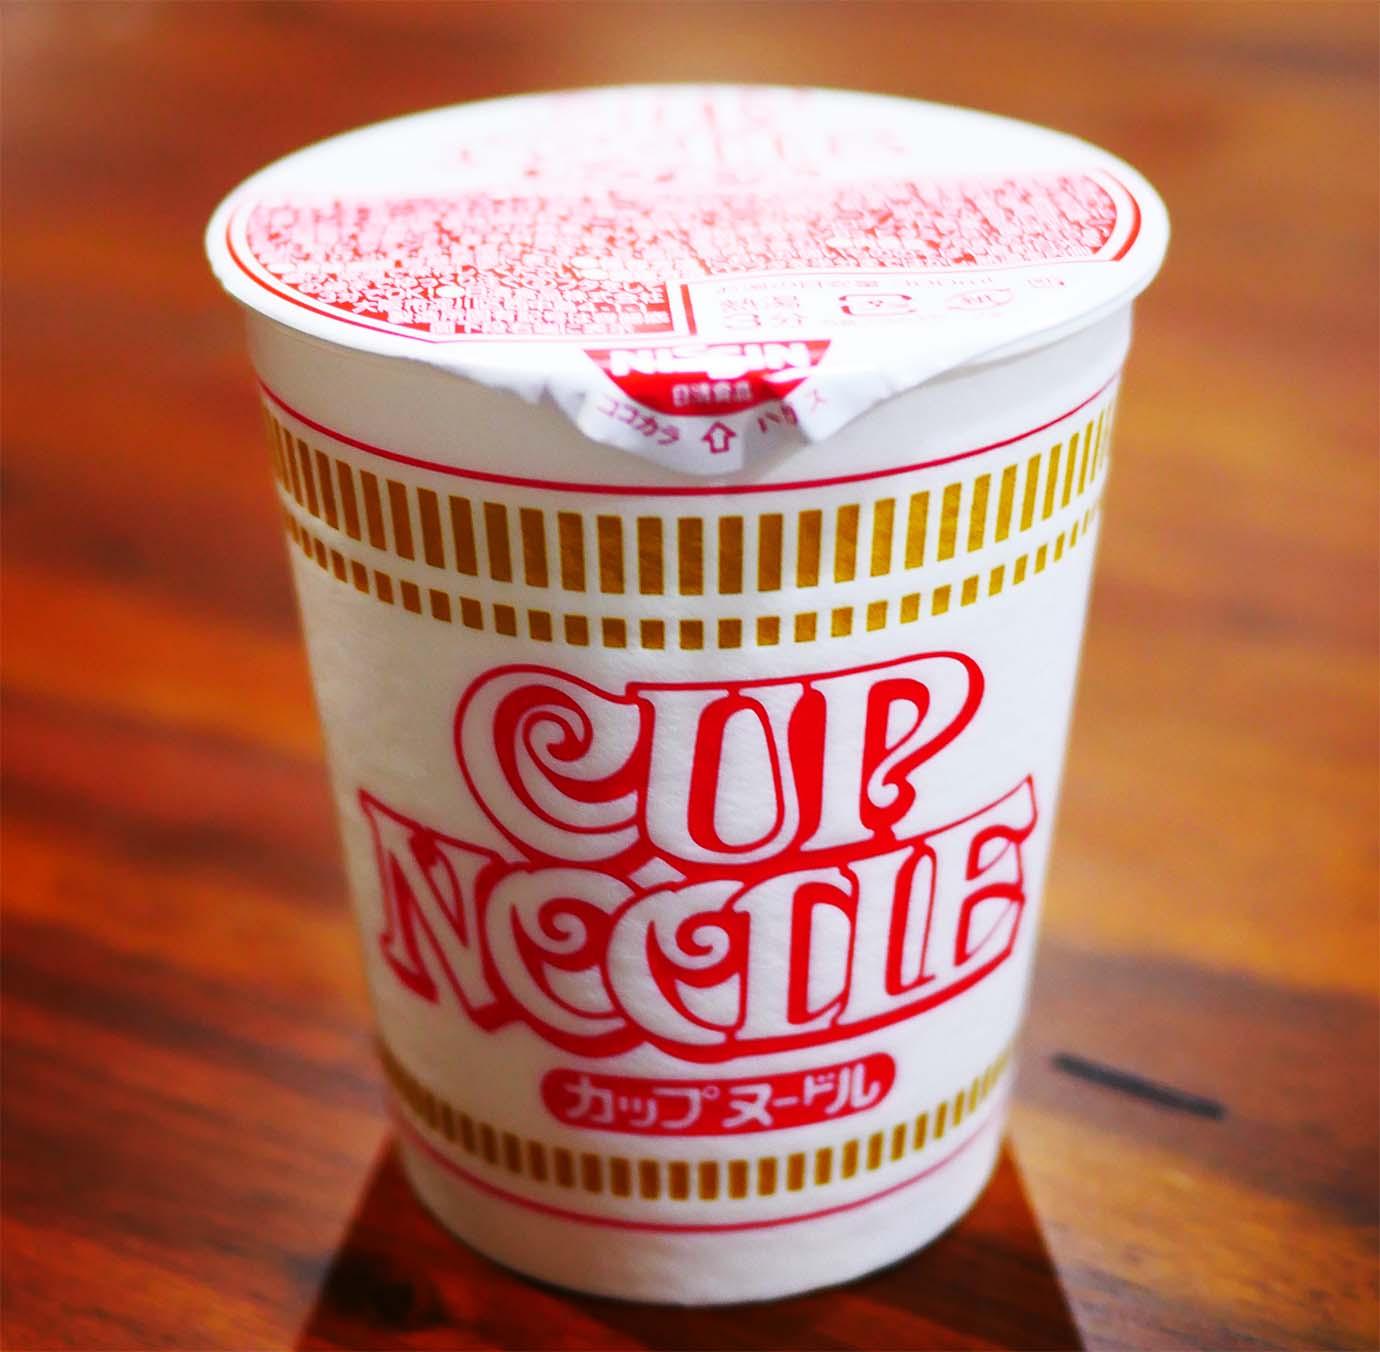 cup-noodles-chawanmushi-news10